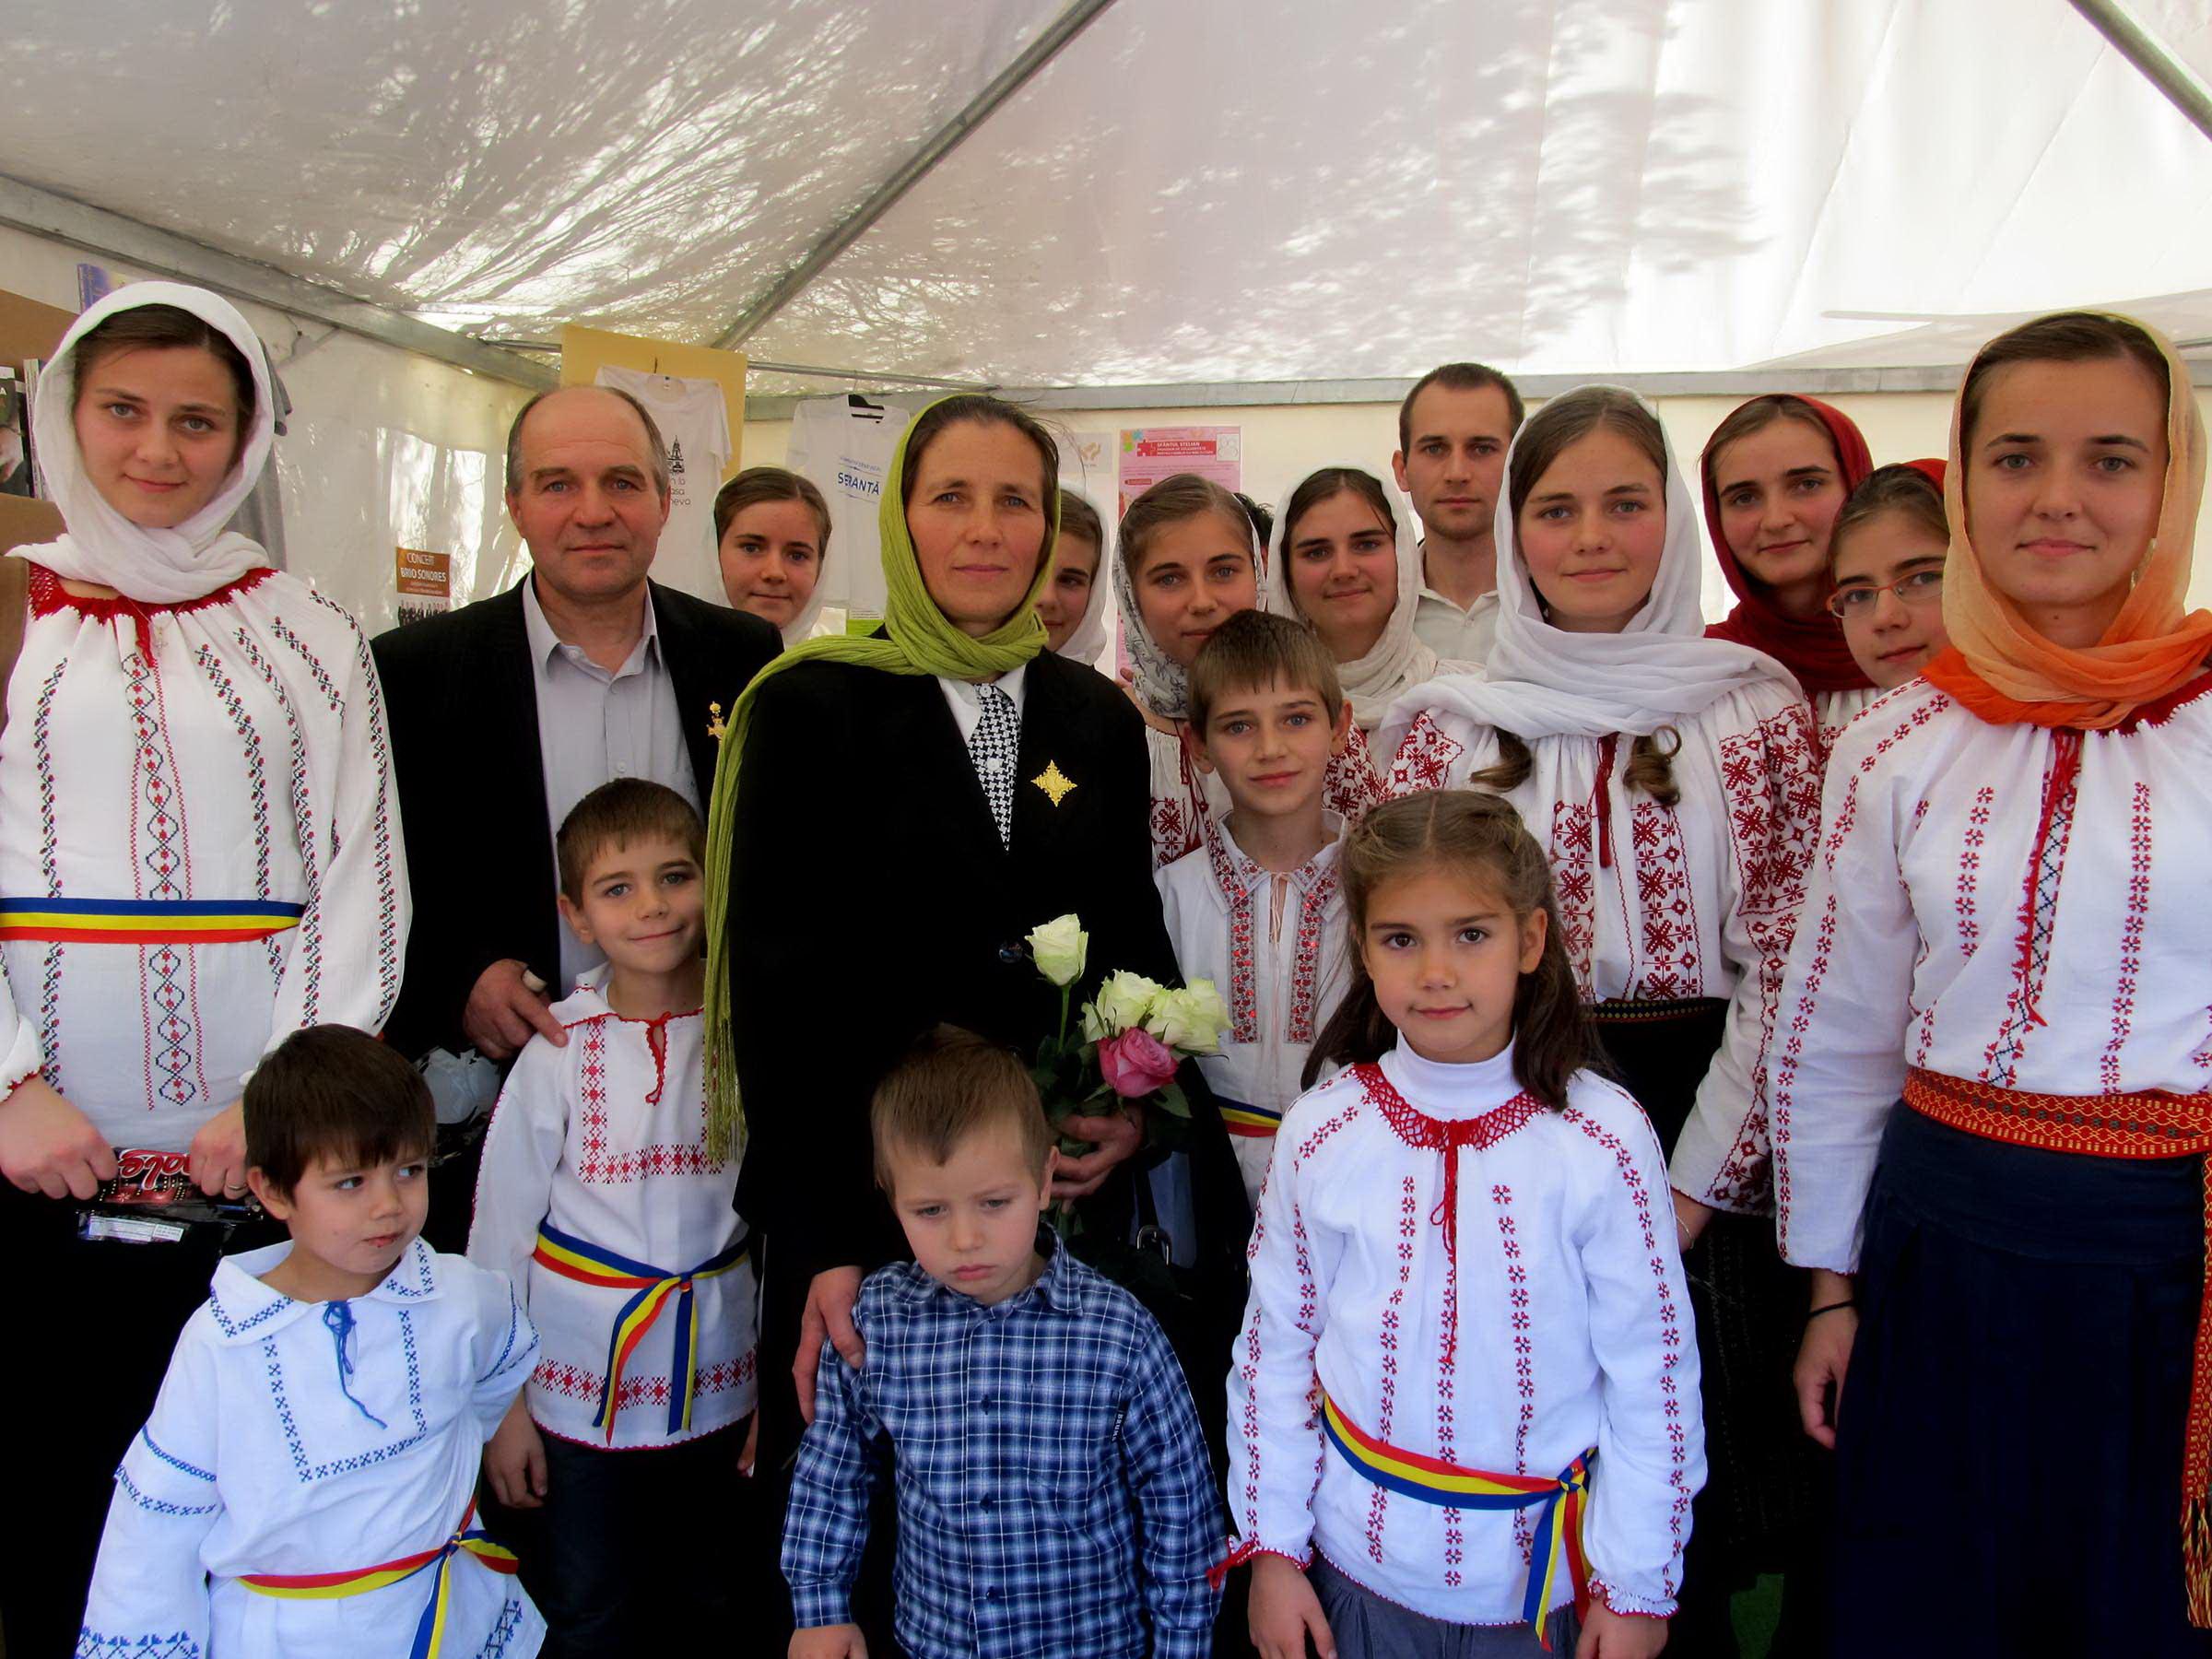 """Photo of Tatăl a 13 copii: """"Când s-au înmulțit copiii, ne-am îmbogățit și noi!"""" – interviu cu familia care a primit Ordinul Patriarhal """"Sfinții Martiri Brâncoveni"""""""